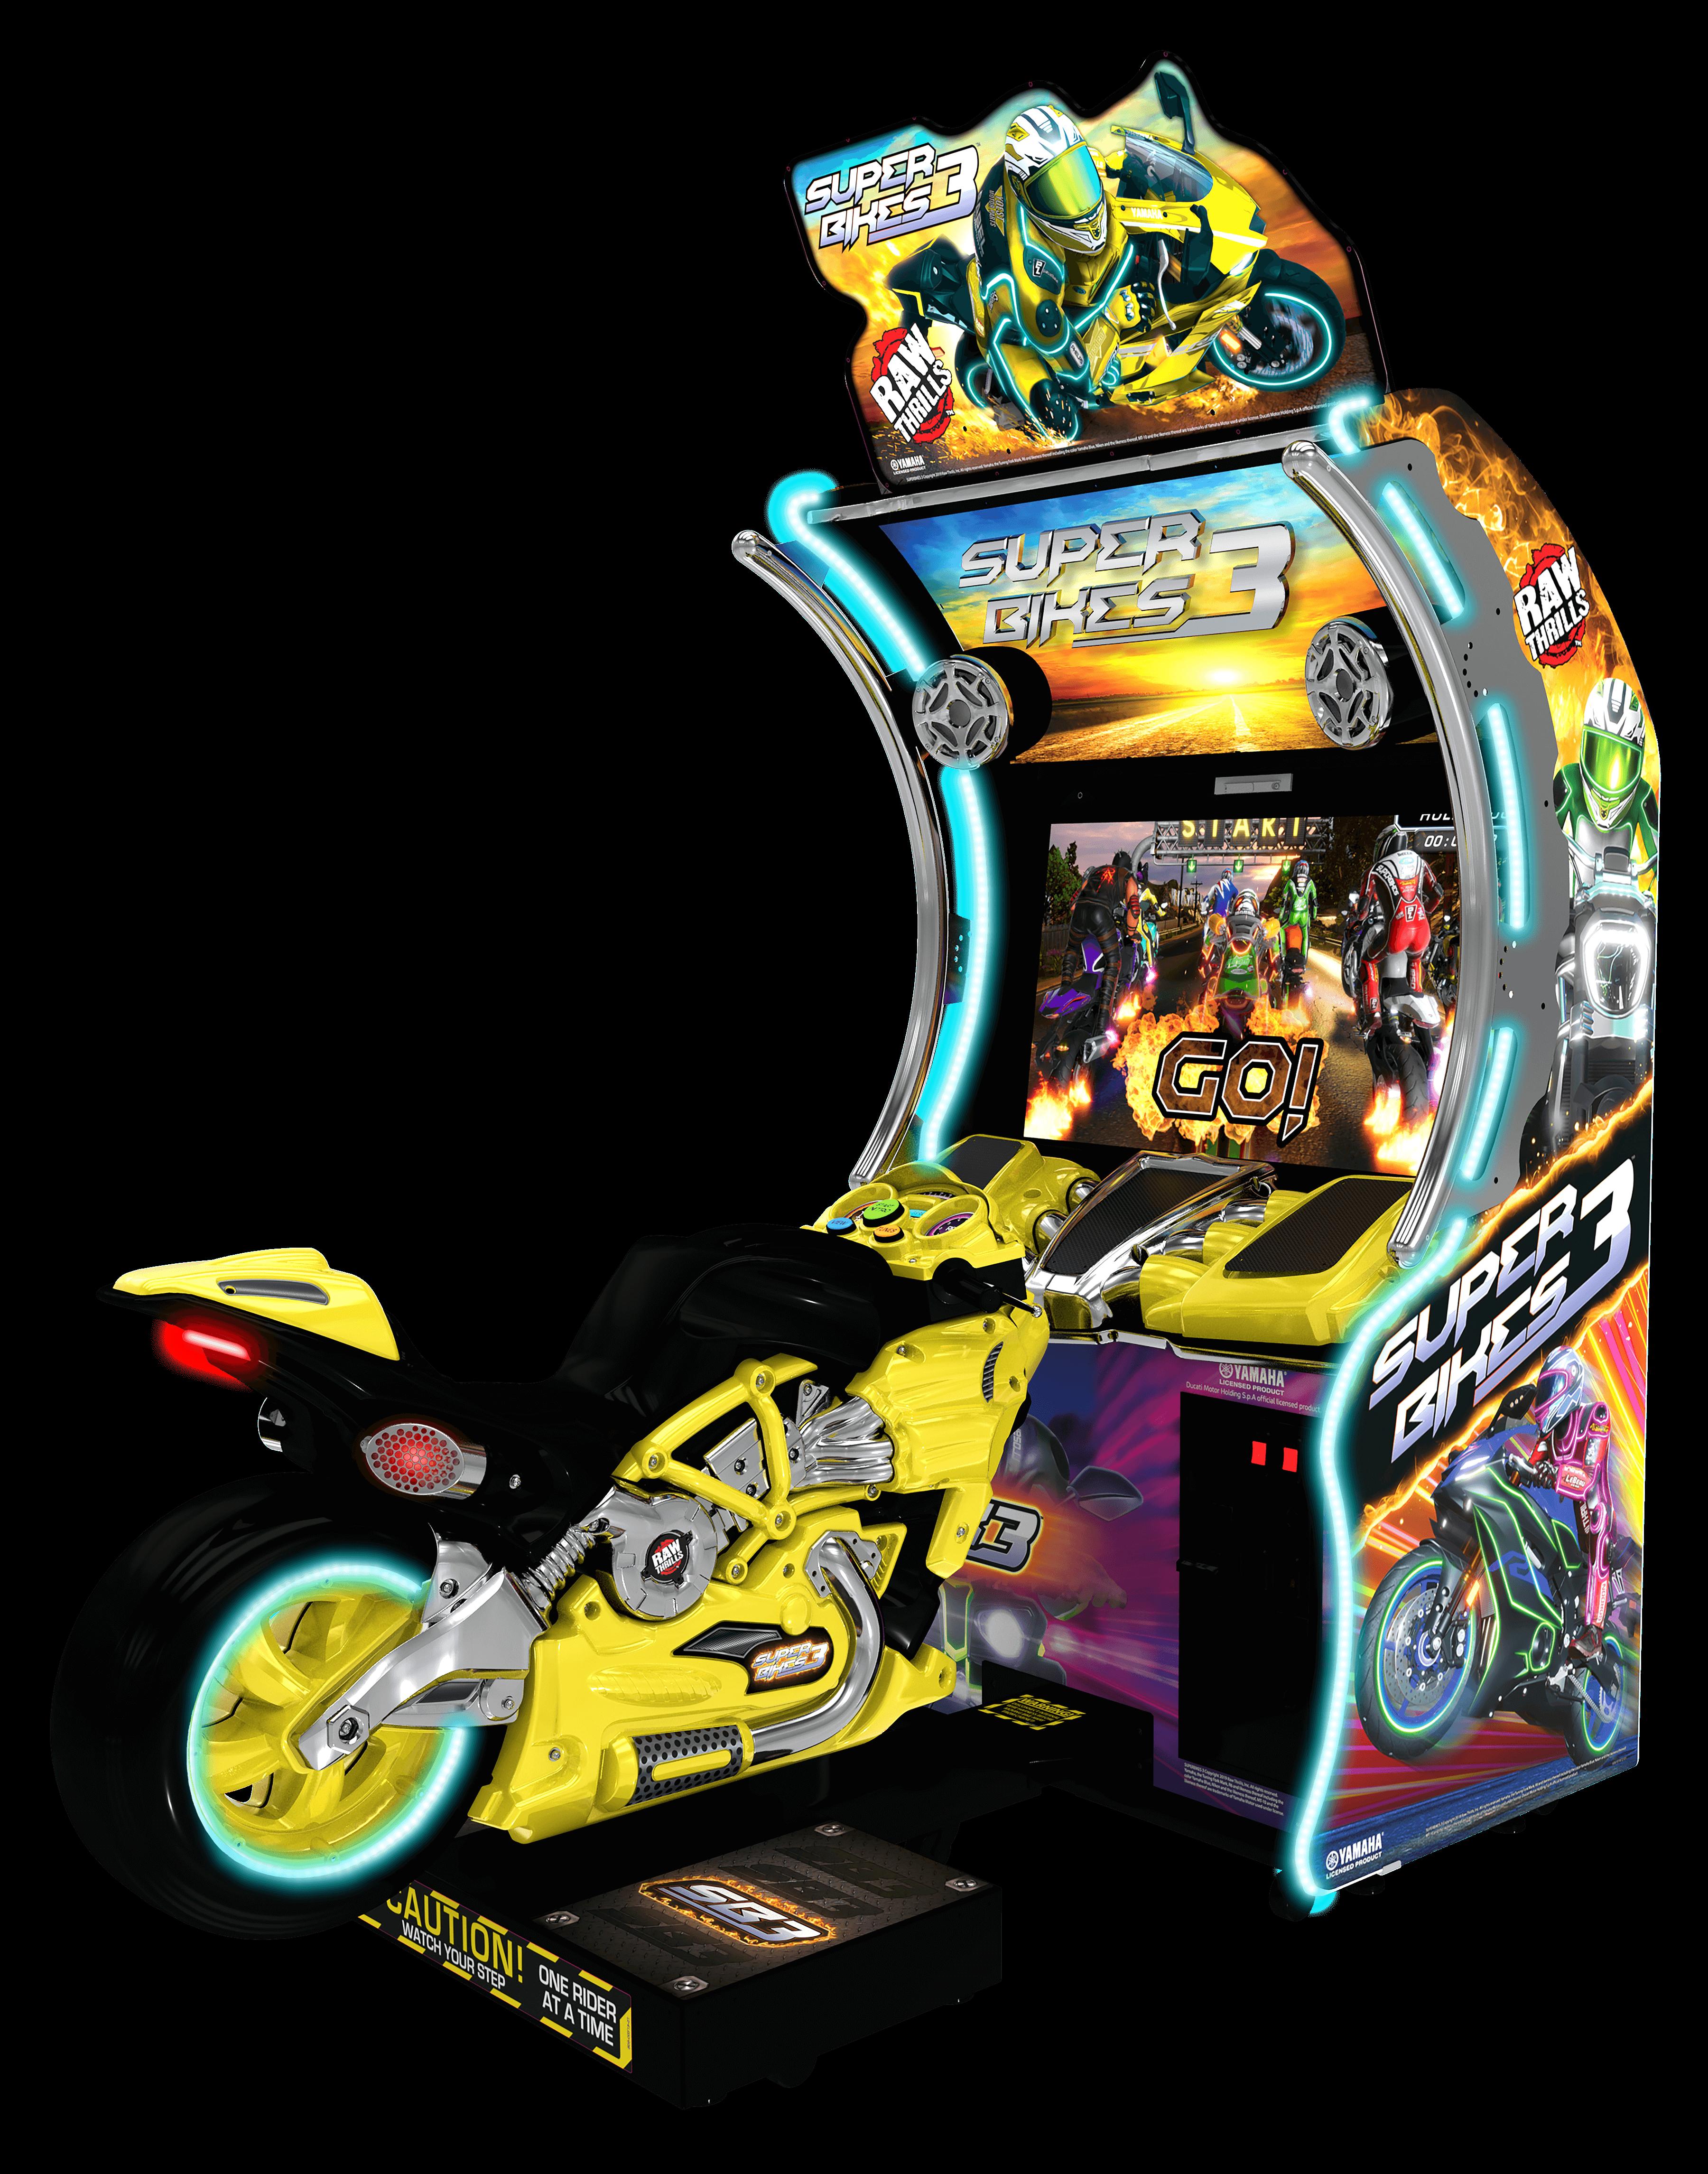 superbike 3